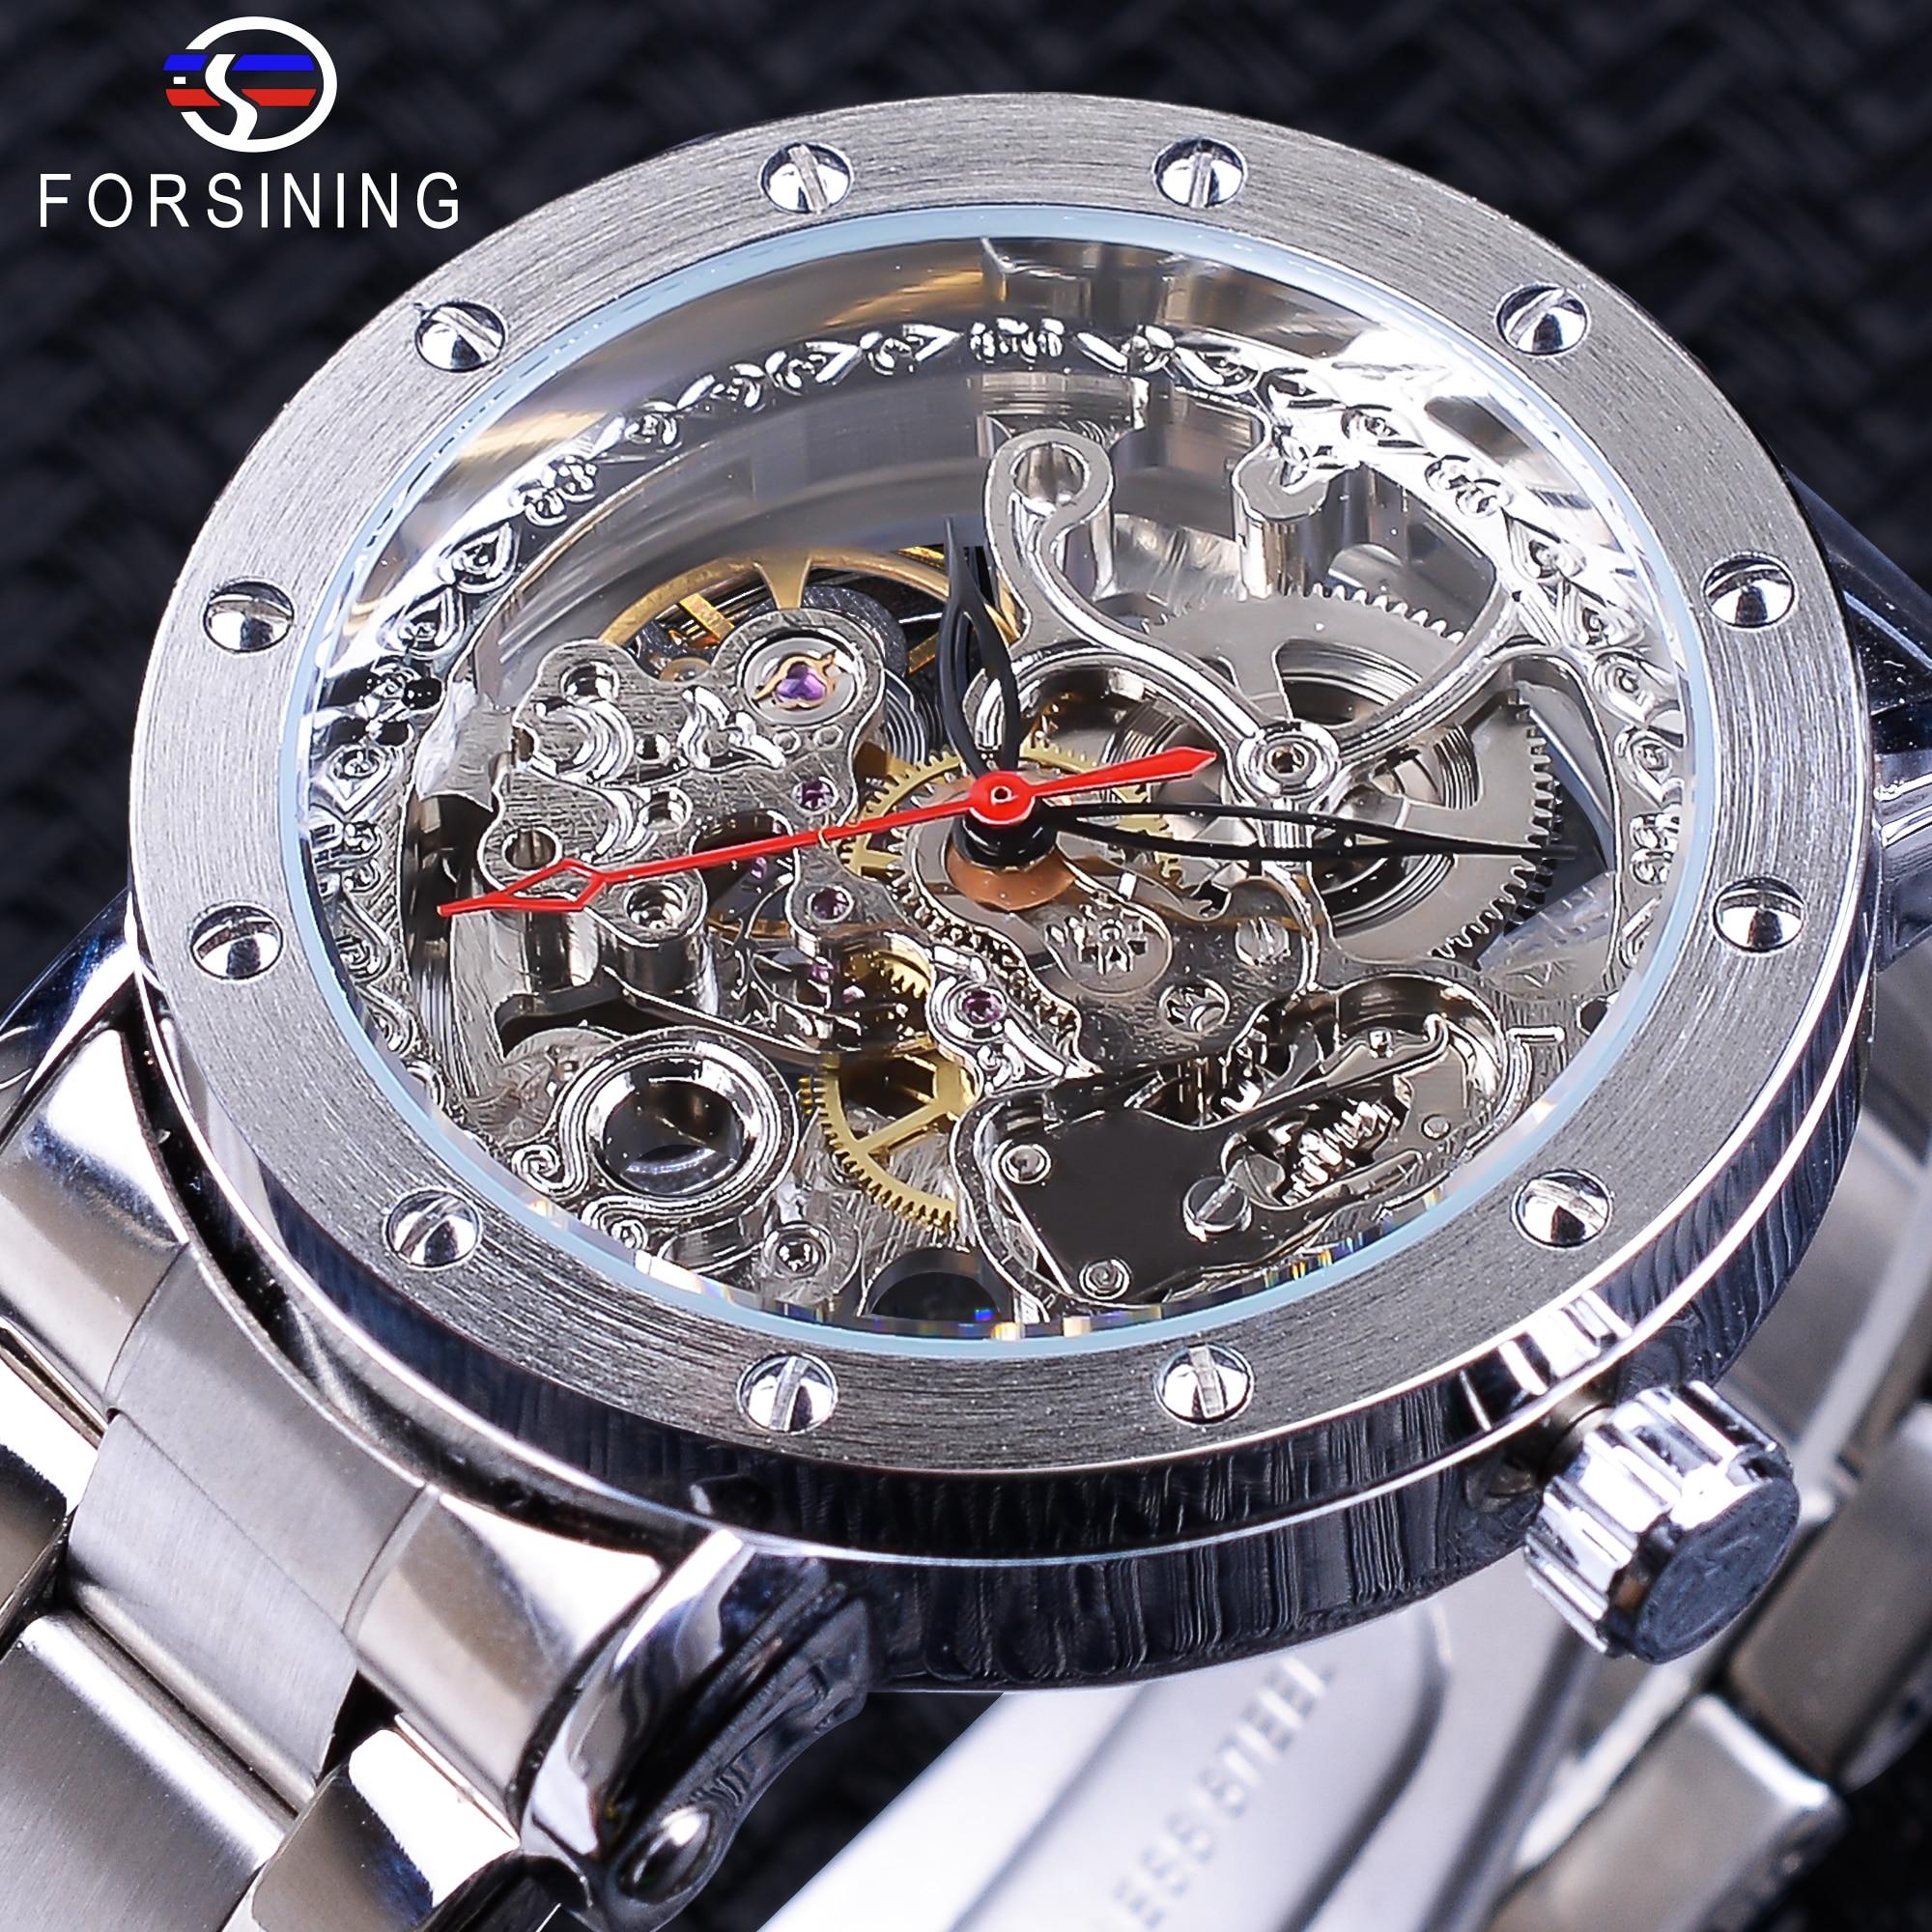 3b041684cbb Forsining Moda Esqueleto de Prata Relógio de Pulso Preto Vermelho Ponteiro  Prata Correia de Aço Inoxidável